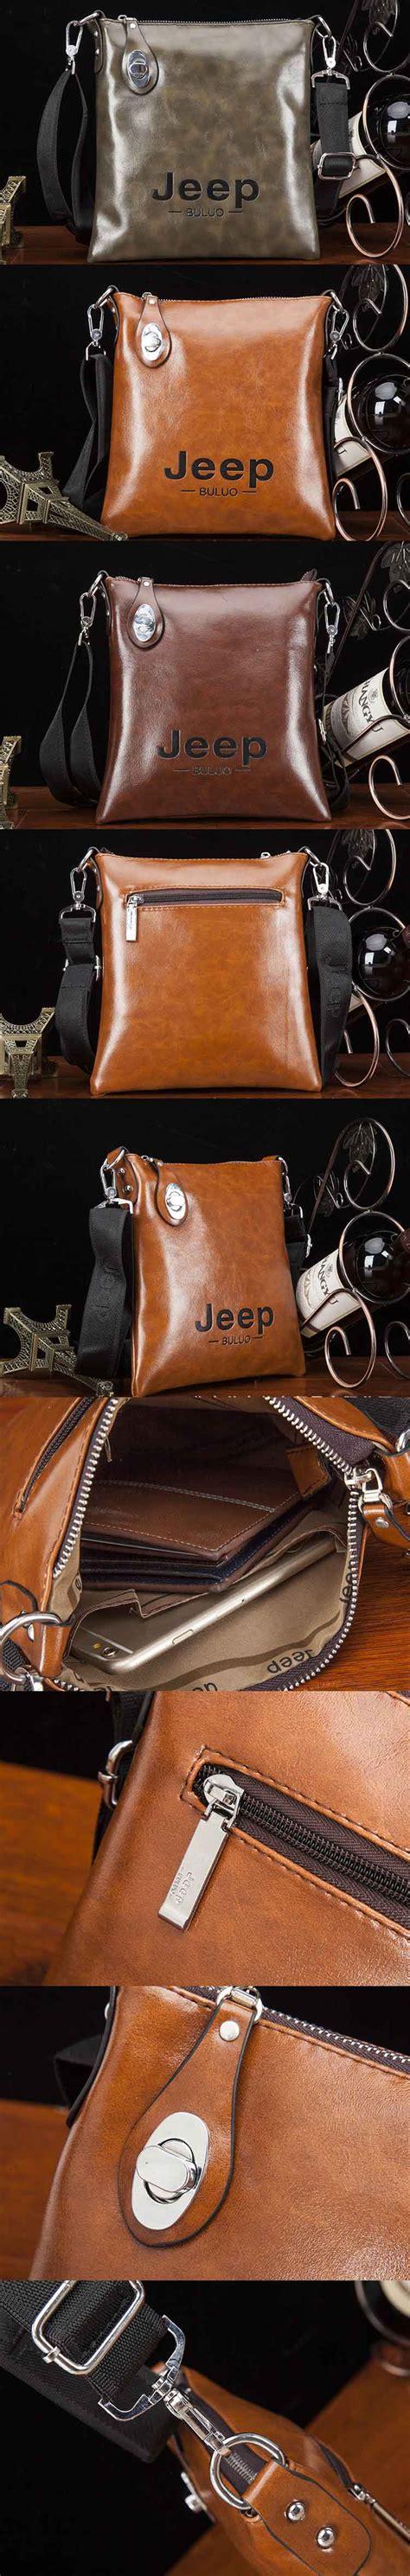 Jual Tas Merk Jeep jual tas kulit selempang jeep